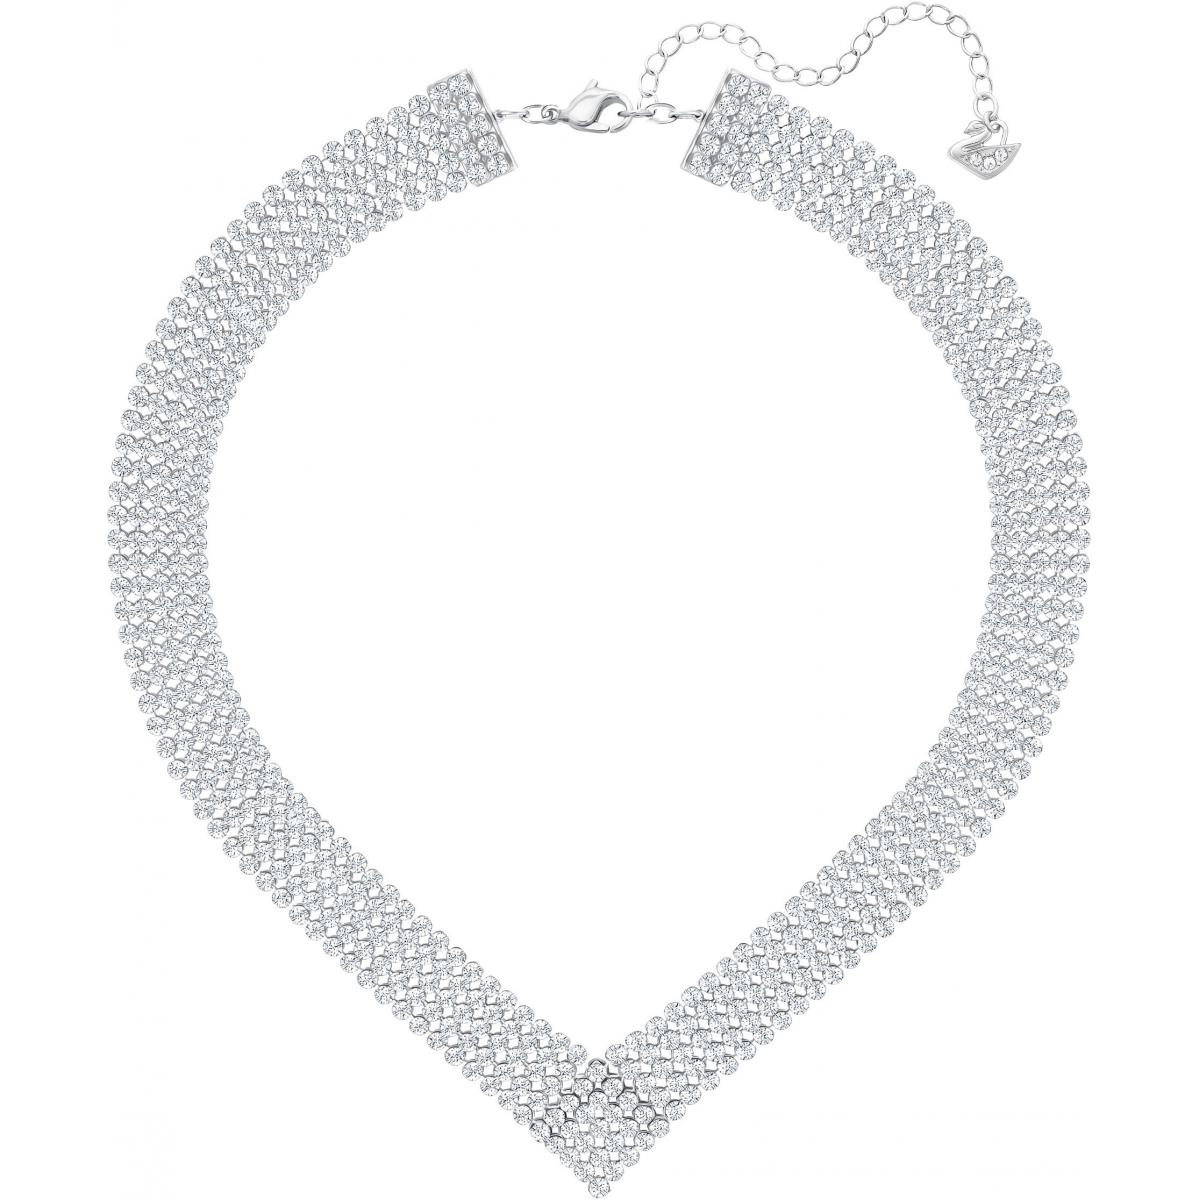 Collier et pendentif Swarovski Bijoux 5289715 - Collier et pendentif  Cristaux Métal Femme